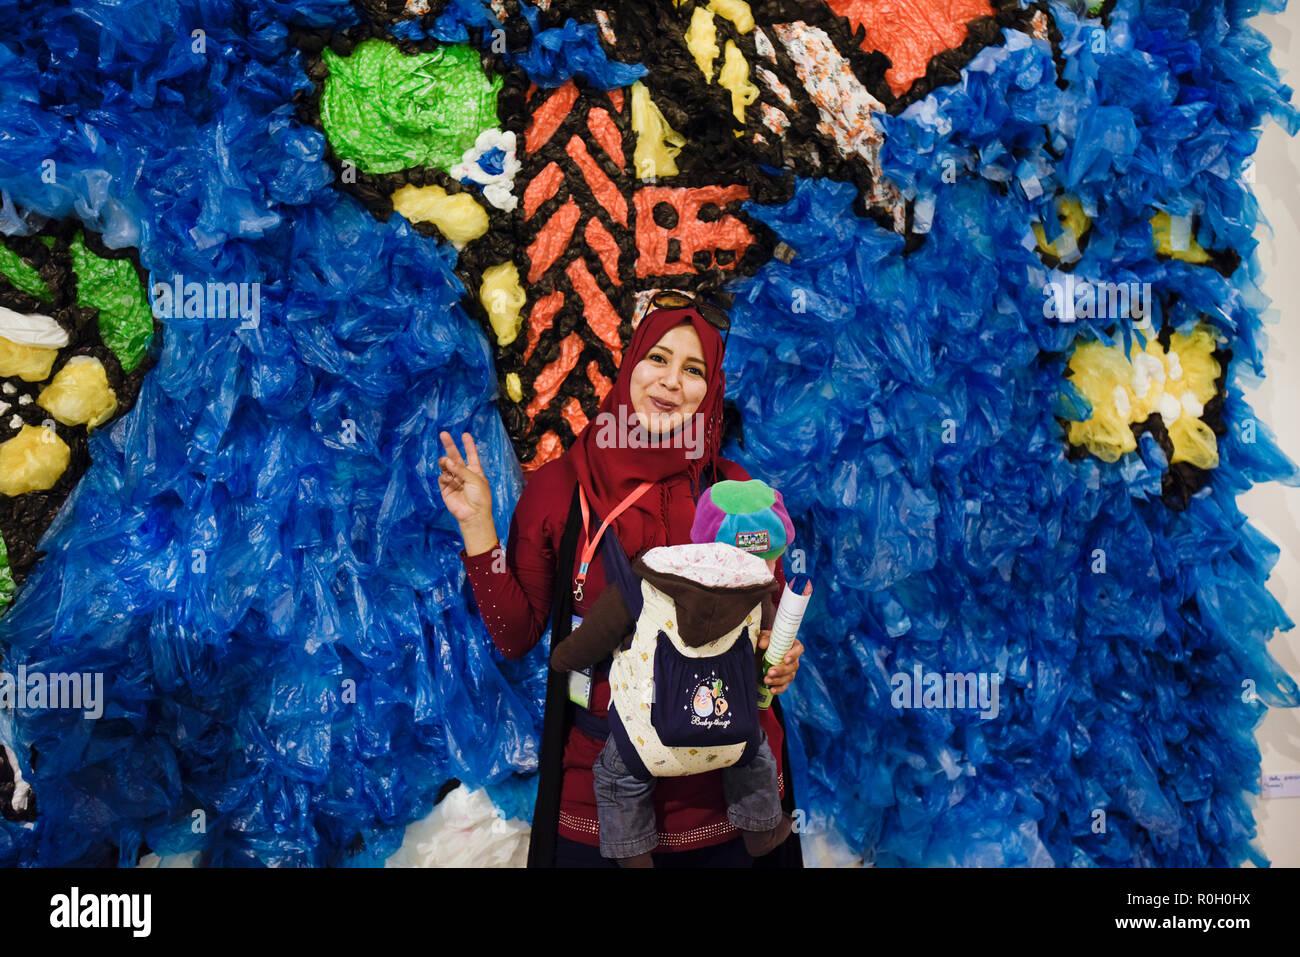 Nord Africana di una donna e di sua figlia in posa di fronte a una mappa del mondo fatto di sacchetti di plastica riciclate presso la Conferenza delle Nazioni Unite sui Cambiamenti Climatici Immagini Stock